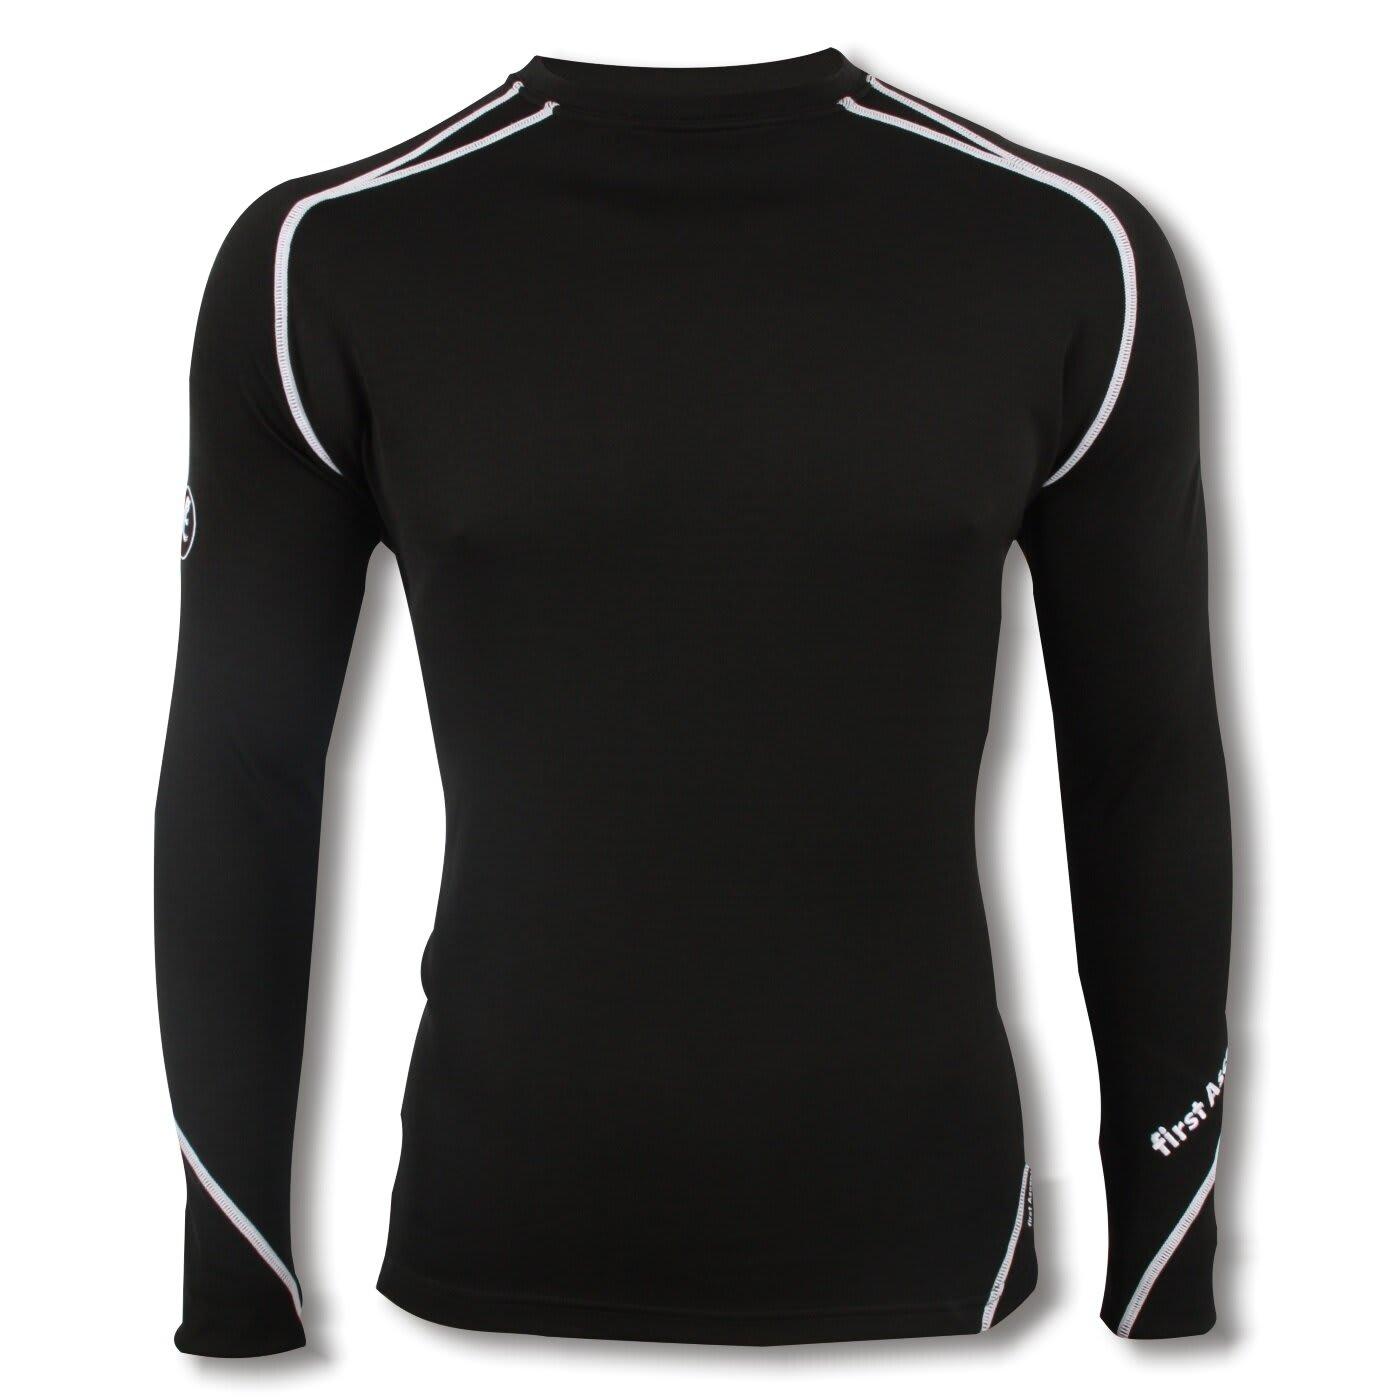 First Ascent Men's Polypropylene Long Sleeve Top